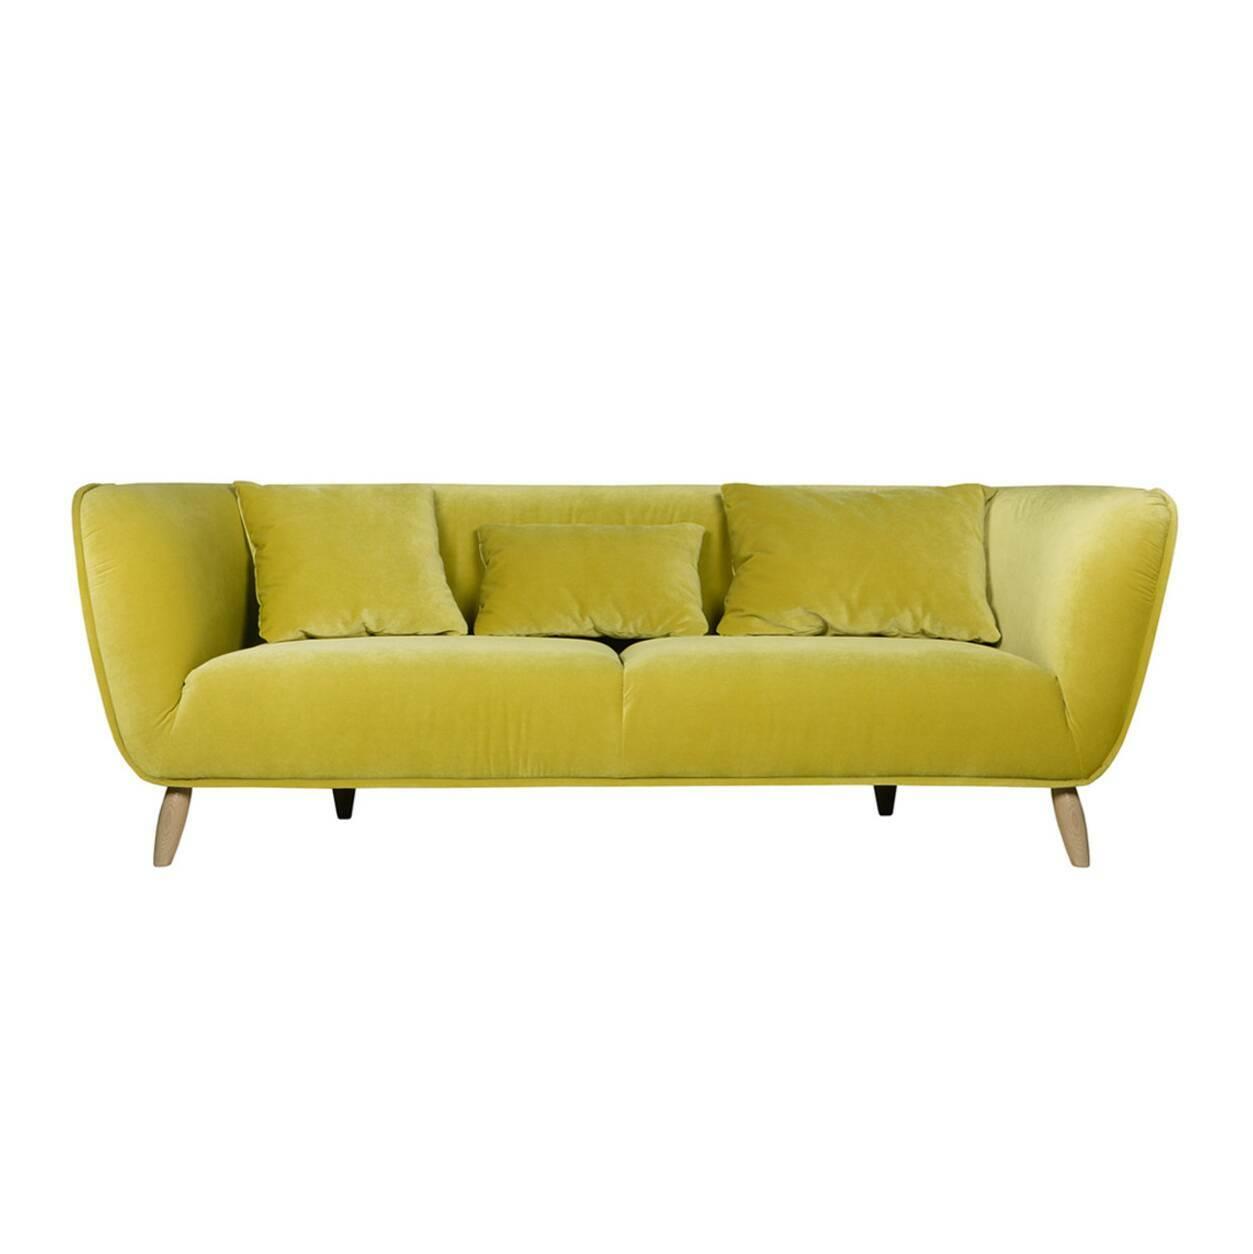 Диван Maja длина 190Двухместные<br>Яркий и позитивный дизайн дивана Maja длина 190 с первого взгляда привлекает внимание. Это дизайнерское изделие обладает особым шармом и положительным настроением, которое непременно повлияет на общую атмосферу помещения и которое способно стать центром всего комнатного интерьера. А диванные подушки также добавят особую нотку уюта в общую обстановку комнаты.<br><br><br> Обивка дивана изготовлена из прочного высококачественного вельвета. Эта ткань обладает привлекательной и очень приятной на ощ...<br><br>stock: 0<br>Высота: 76<br>Высота сиденья: 42<br>Глубина: 100<br>Длина: 190<br>Цвет ножек: Черный<br>Материал обивки: Полиэстер<br>Степень комфортности: Стандарт комфорт<br>Форма подлокотников: Стандарт<br>Коллекция ткани: Категория ткани III<br>Тип материала обивки: Ткань<br>Тип материала ножек: Металл<br>Цвет обивки: Желтый